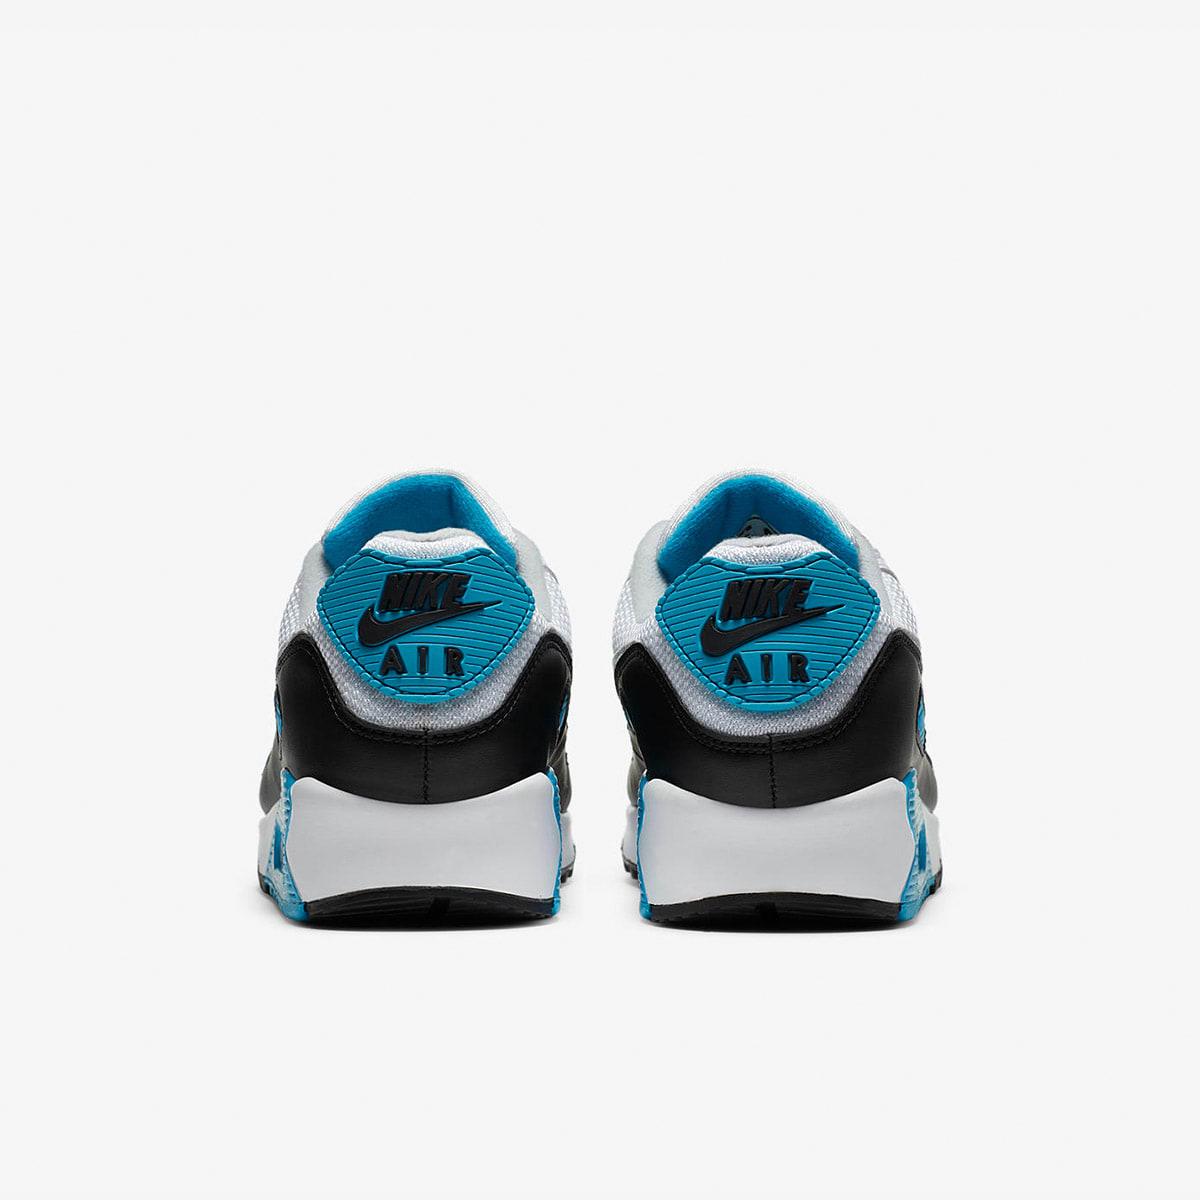 Nike Air Max III - CJ6779-100